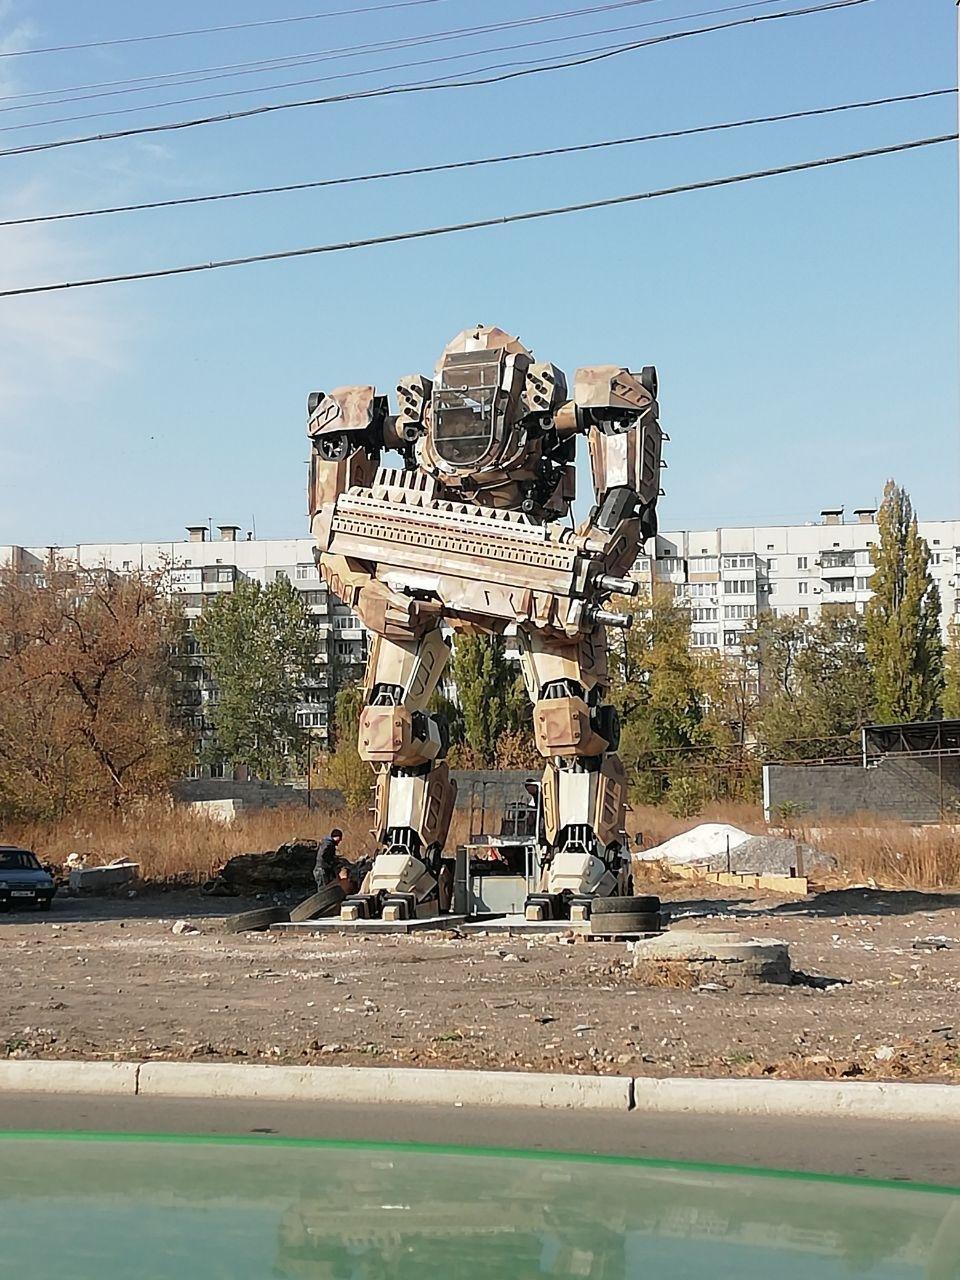 «Когда на параде пойдет?» - в Донецке соорудили огромного Автобота, - ФОТО, фото-1